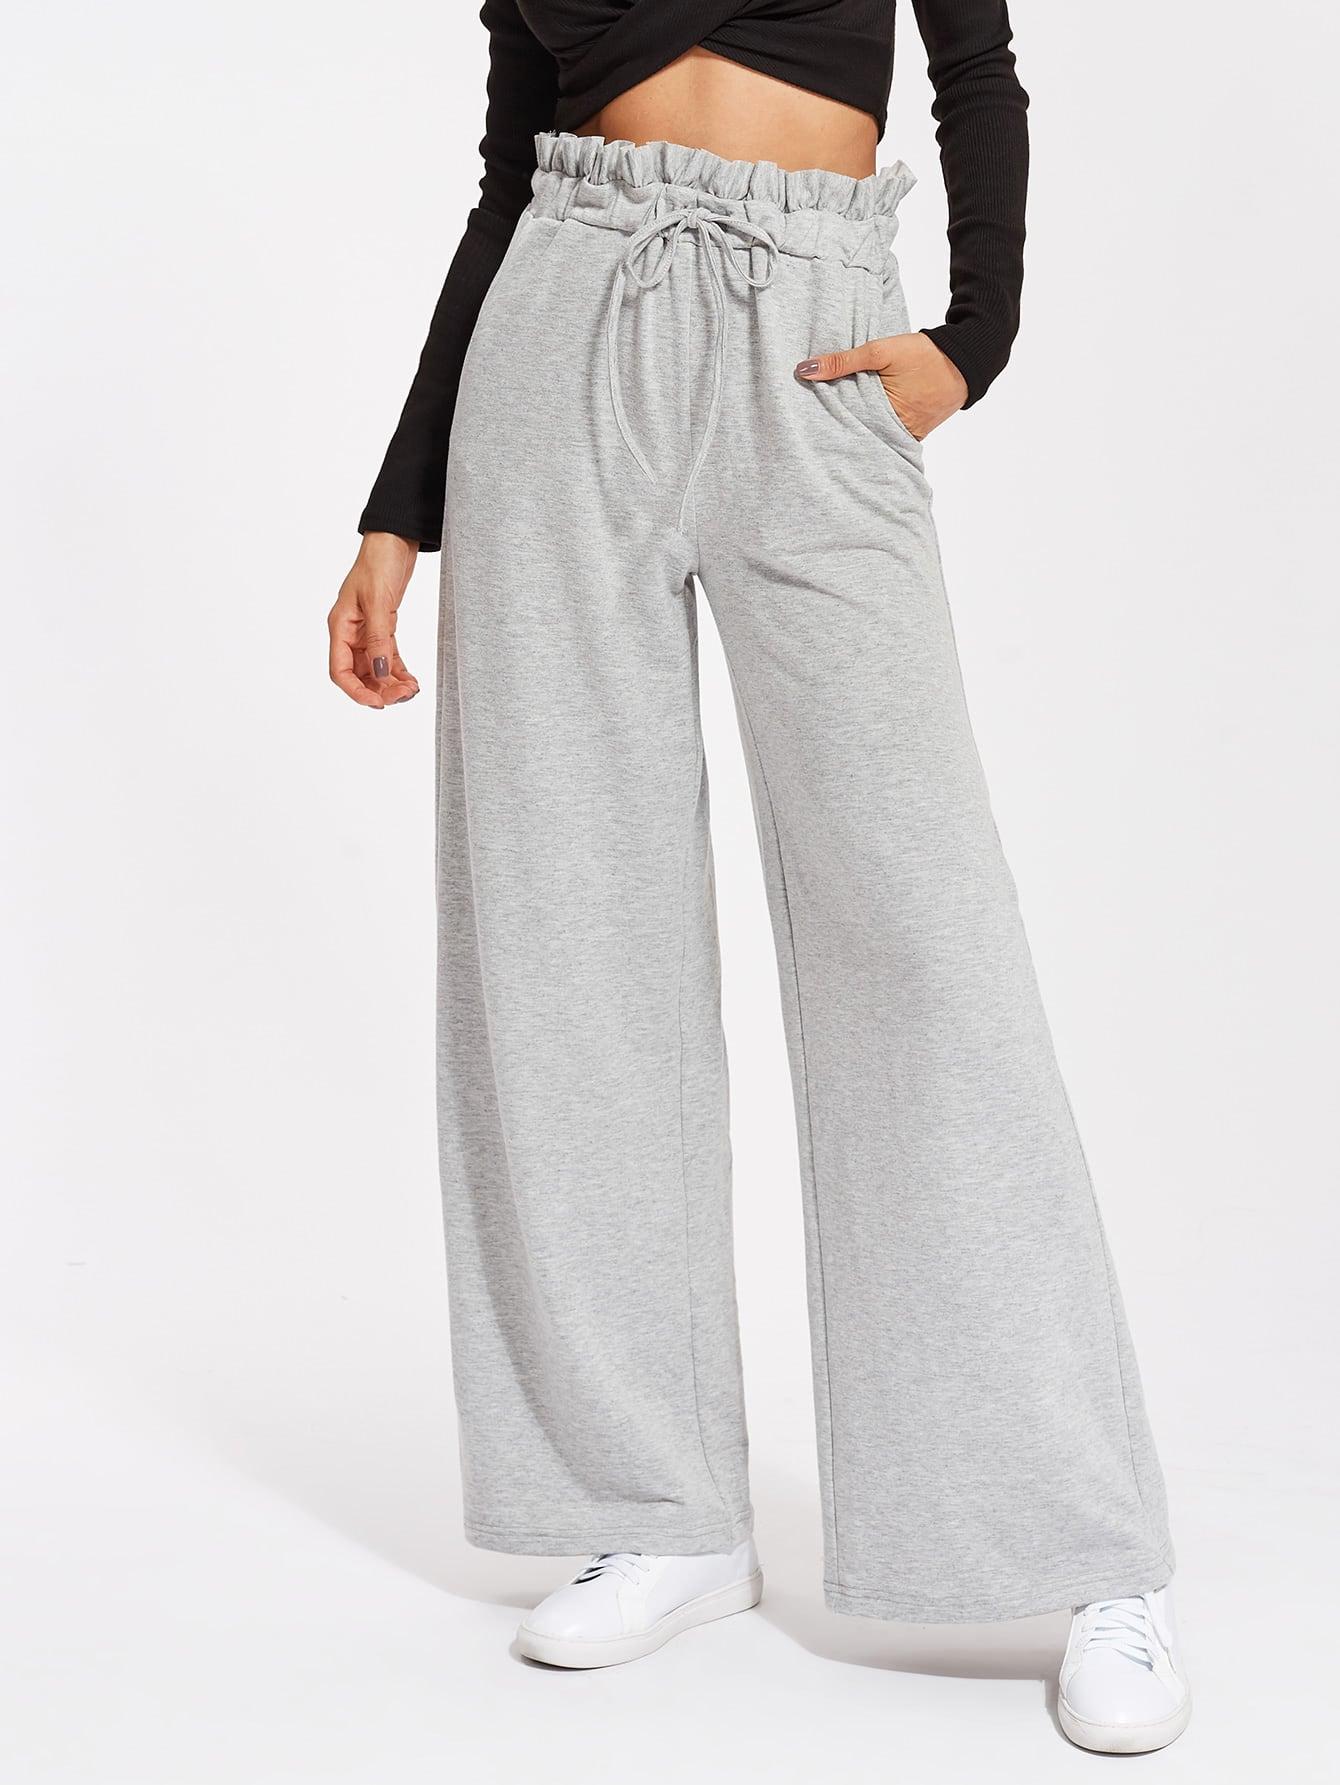 Frill Waist Heather Knit Palazzo Sweatpants